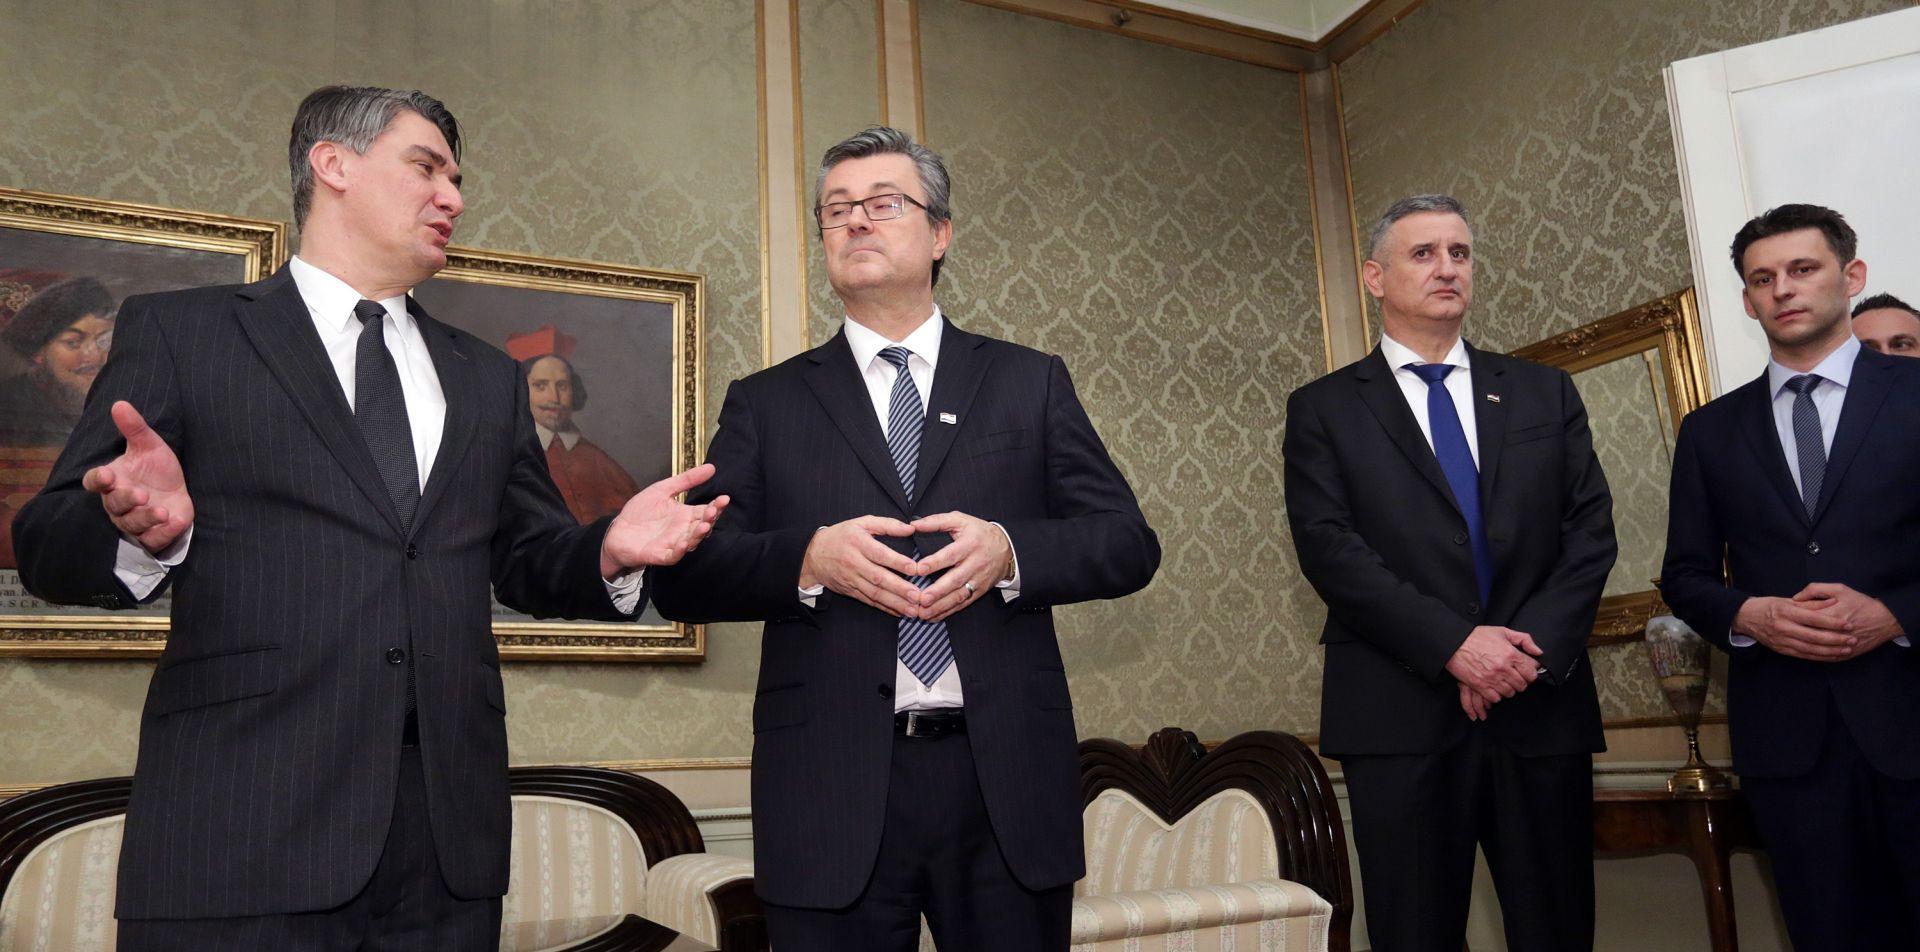 NOVI PODACI CROBAROMETRA Pada podrška MOST-u, nakon tri mjeseca pala podrška i predsjednici